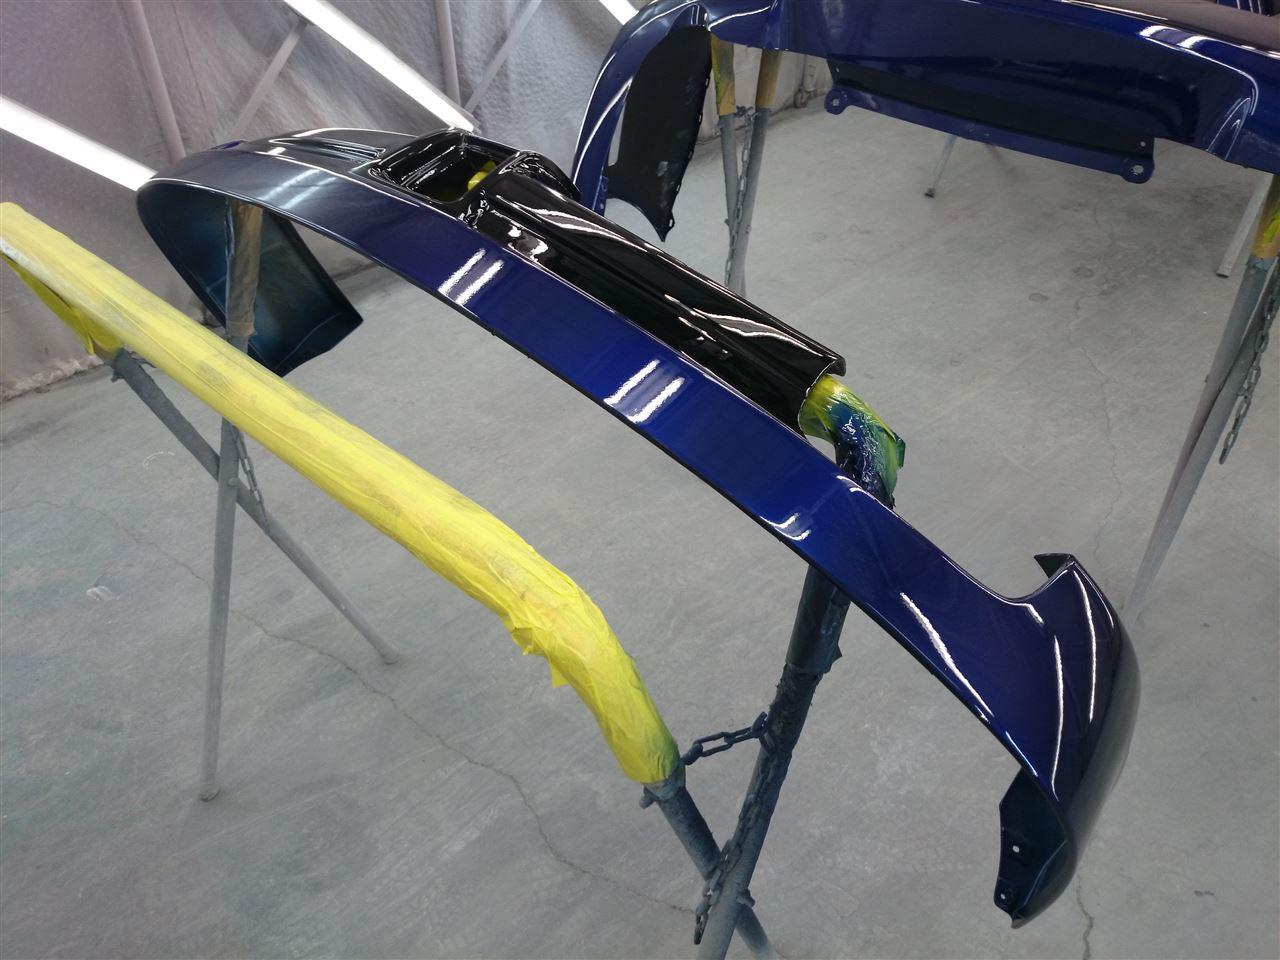 東京都立川市の車の板金塗装修理工場 ガレージローライドのマツダ プレマシーのリヤスポイラー加工 塗装 取付、リヤまわりのキズ へこみの板金 修理 塗装 です。